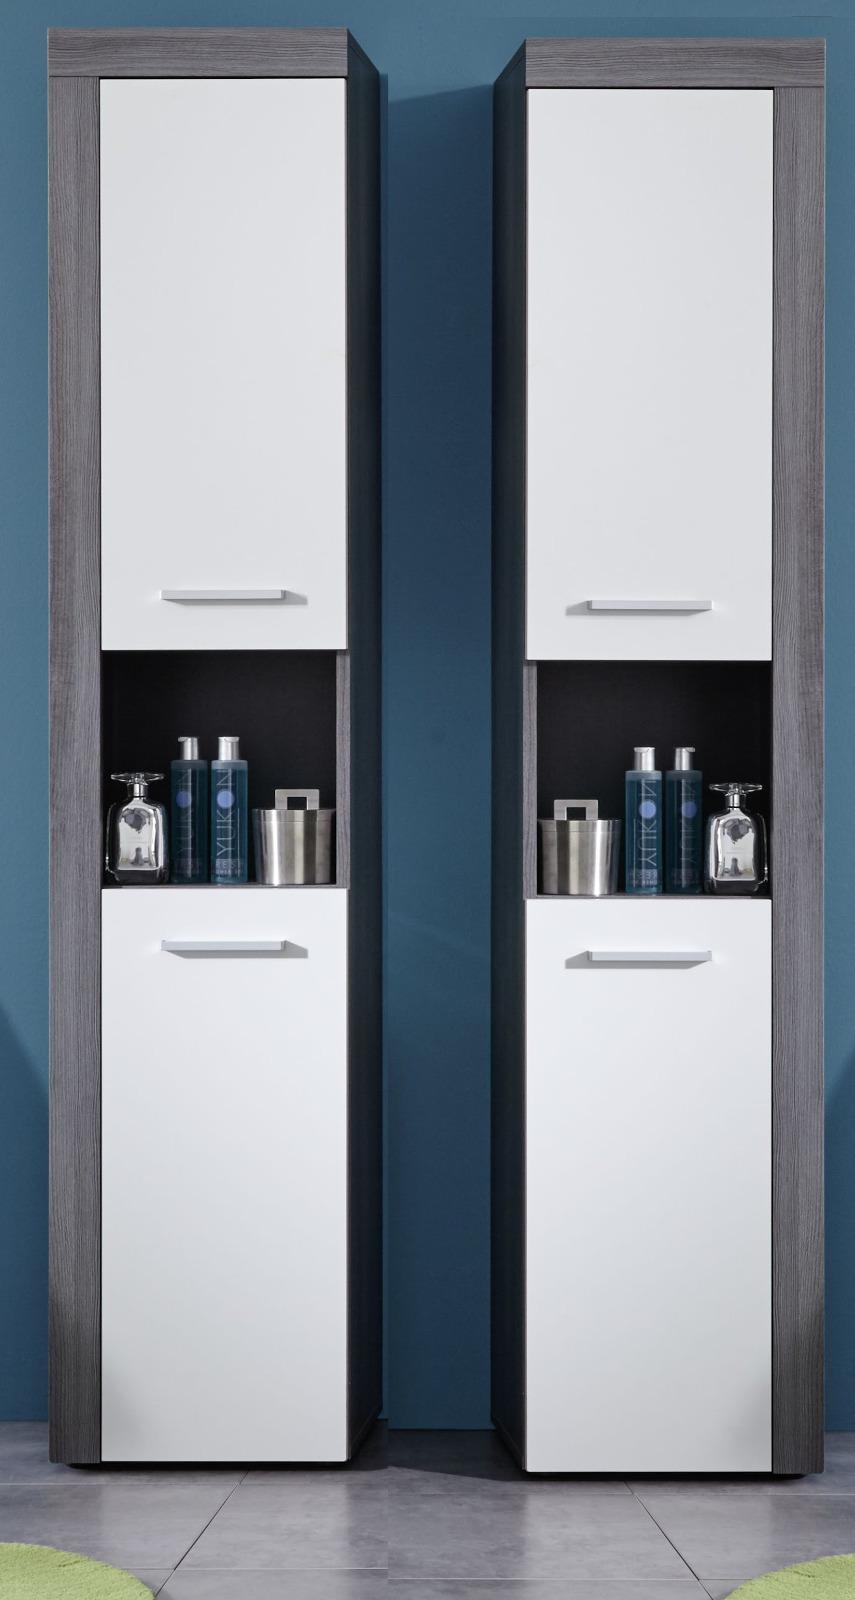 Badezimmer Hochschrank Lahabana In Graphit Grau 45 Cm Breit